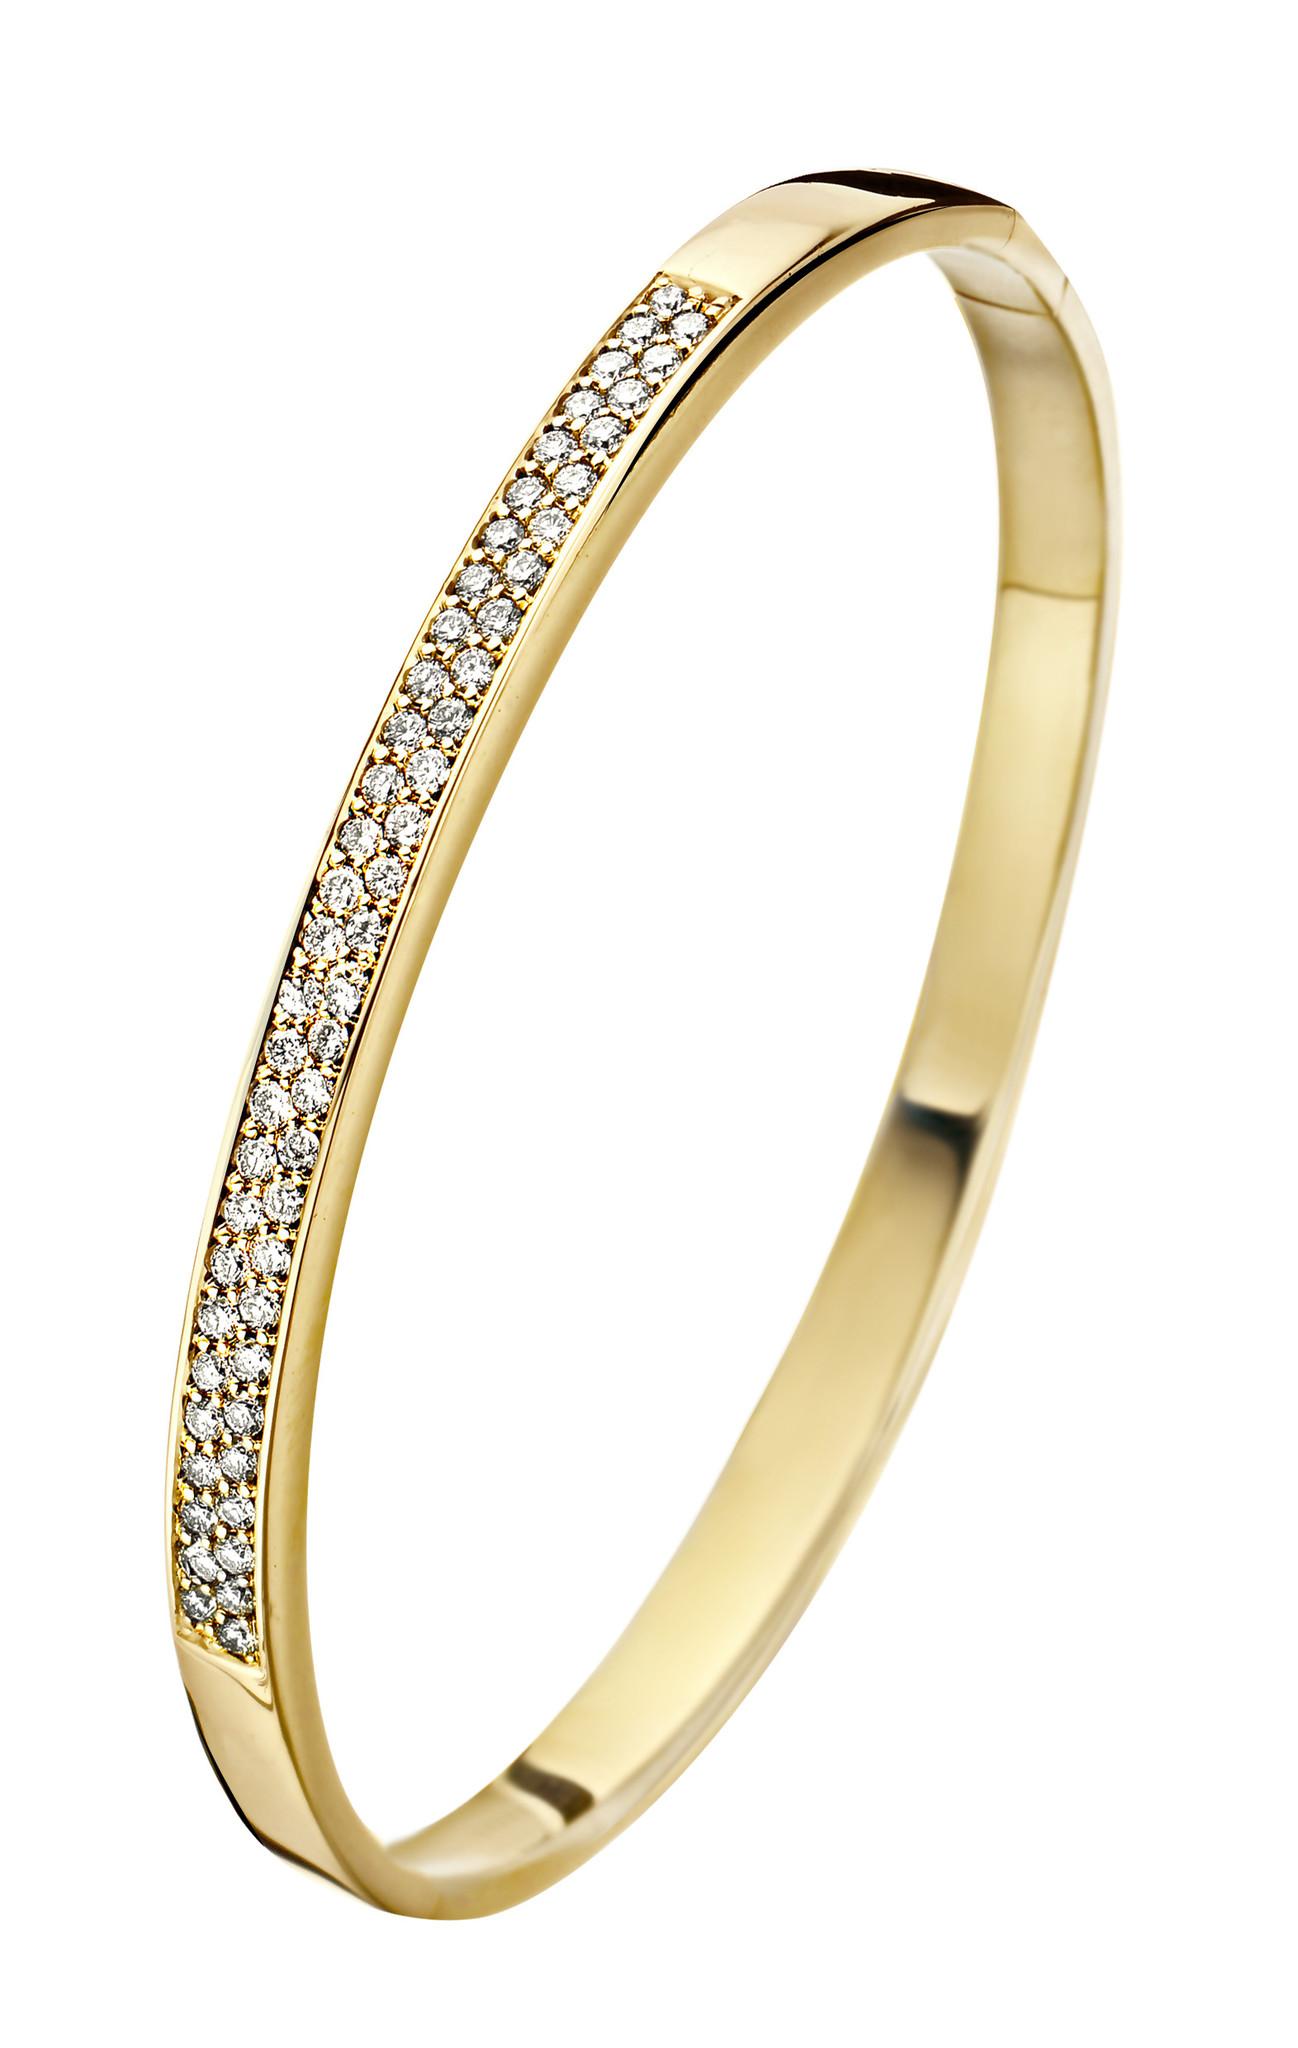 14 karaat geelgouden armband met diamanten - Recht 5 mm - Fjory - Slavenarmband-1